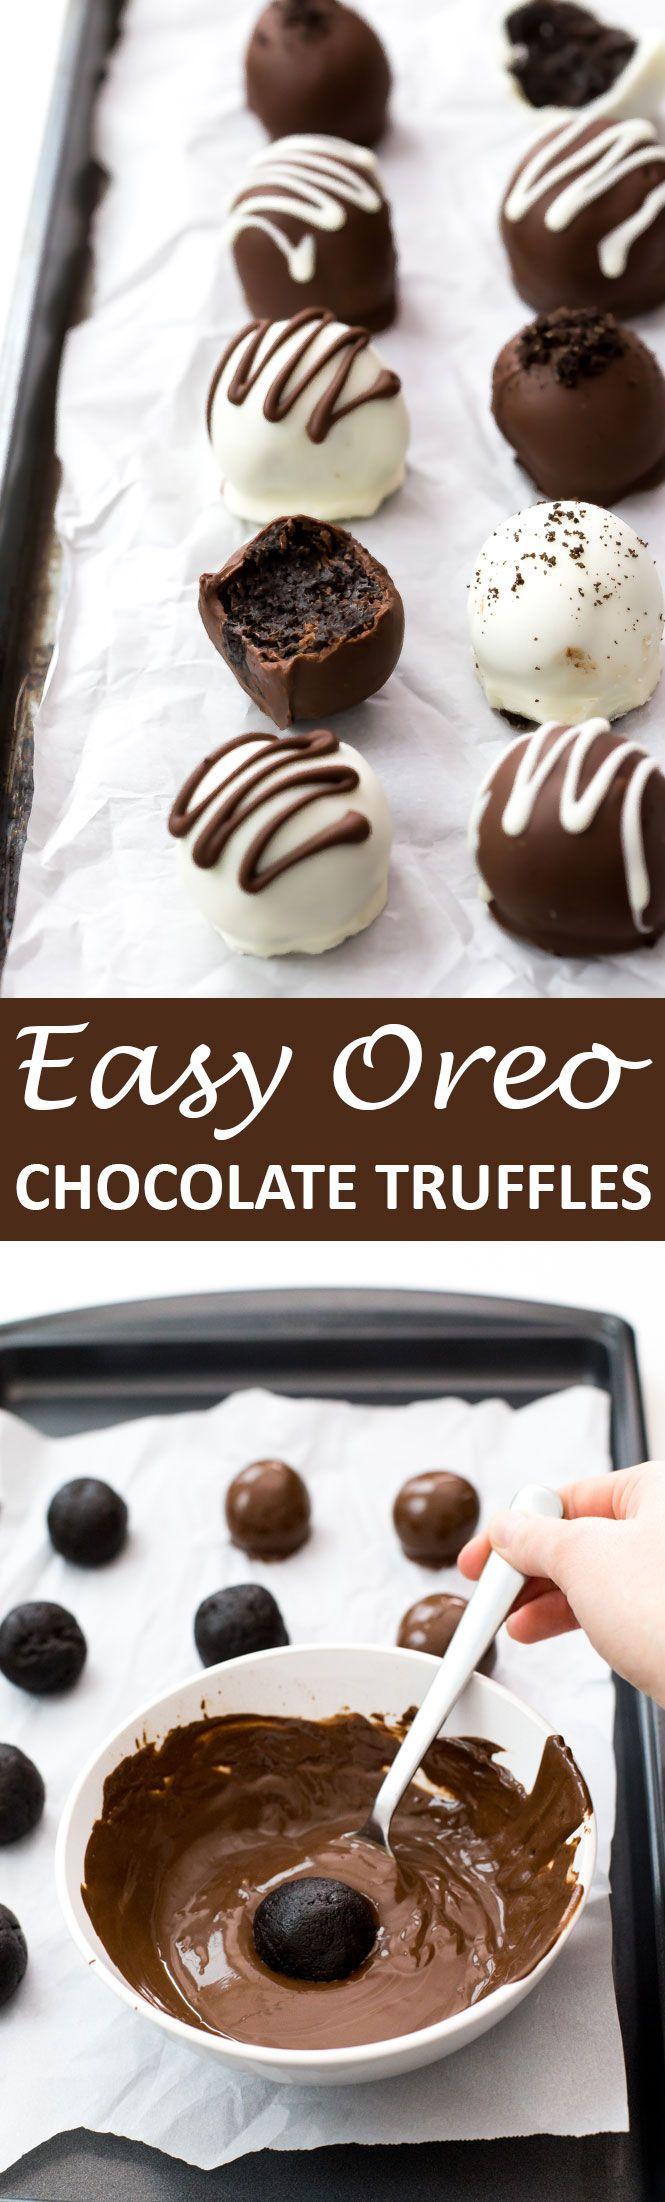 Easy And No Bake Oreo Truffles Recipe